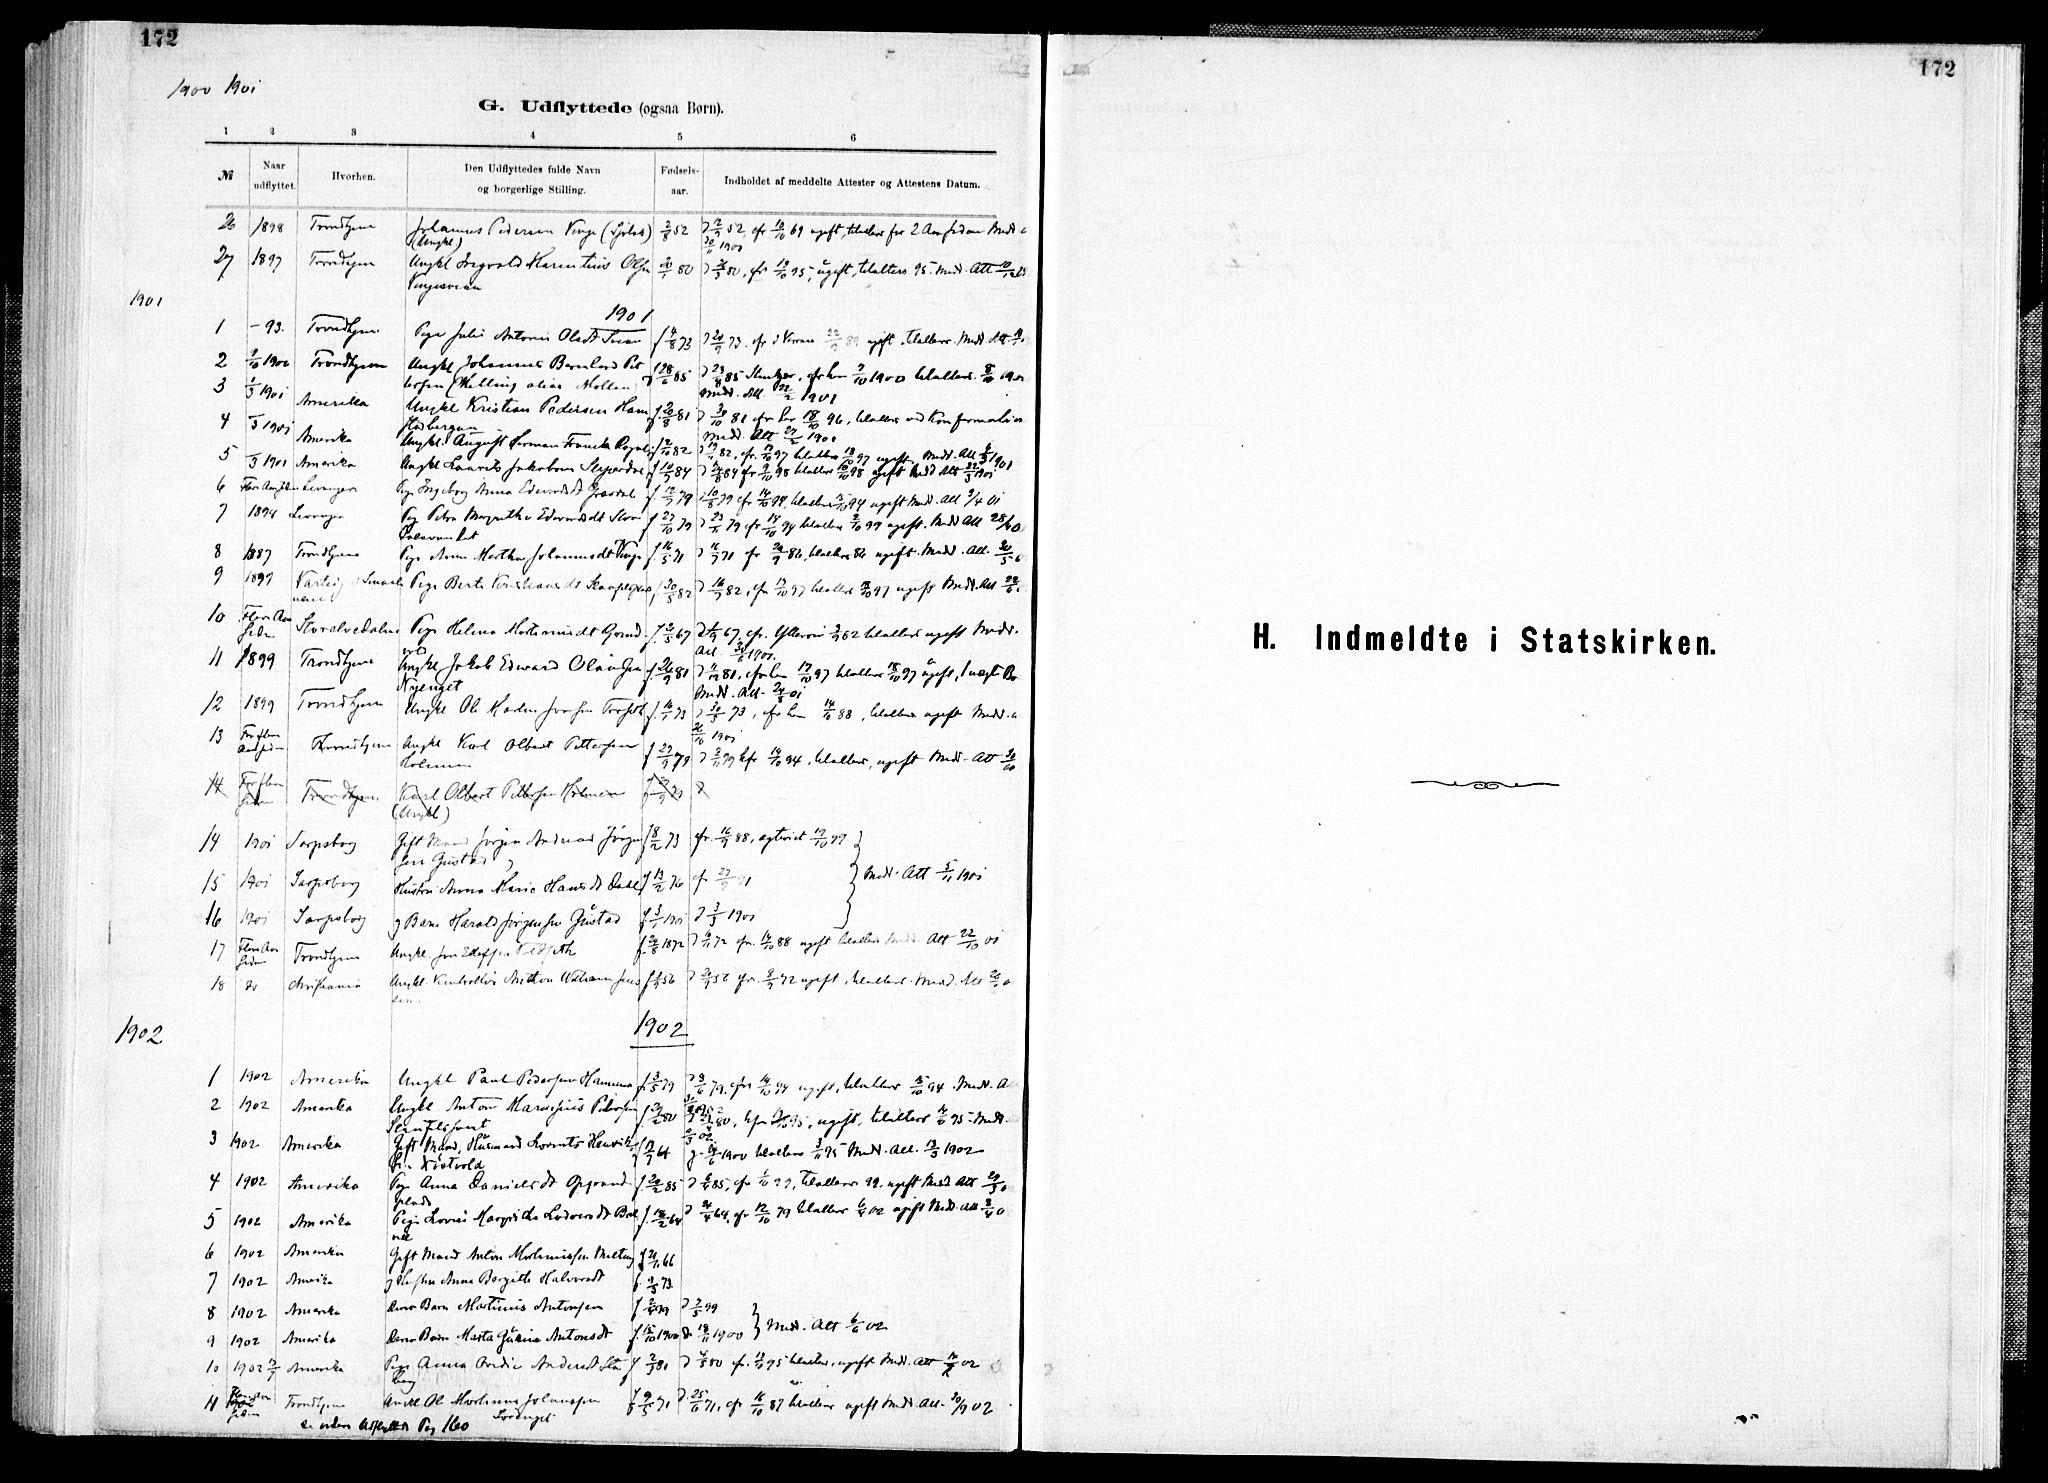 SAT, Ministerialprotokoller, klokkerbøker og fødselsregistre - Nord-Trøndelag, 733/L0325: Ministerialbok nr. 733A04, 1884-1908, s. 172